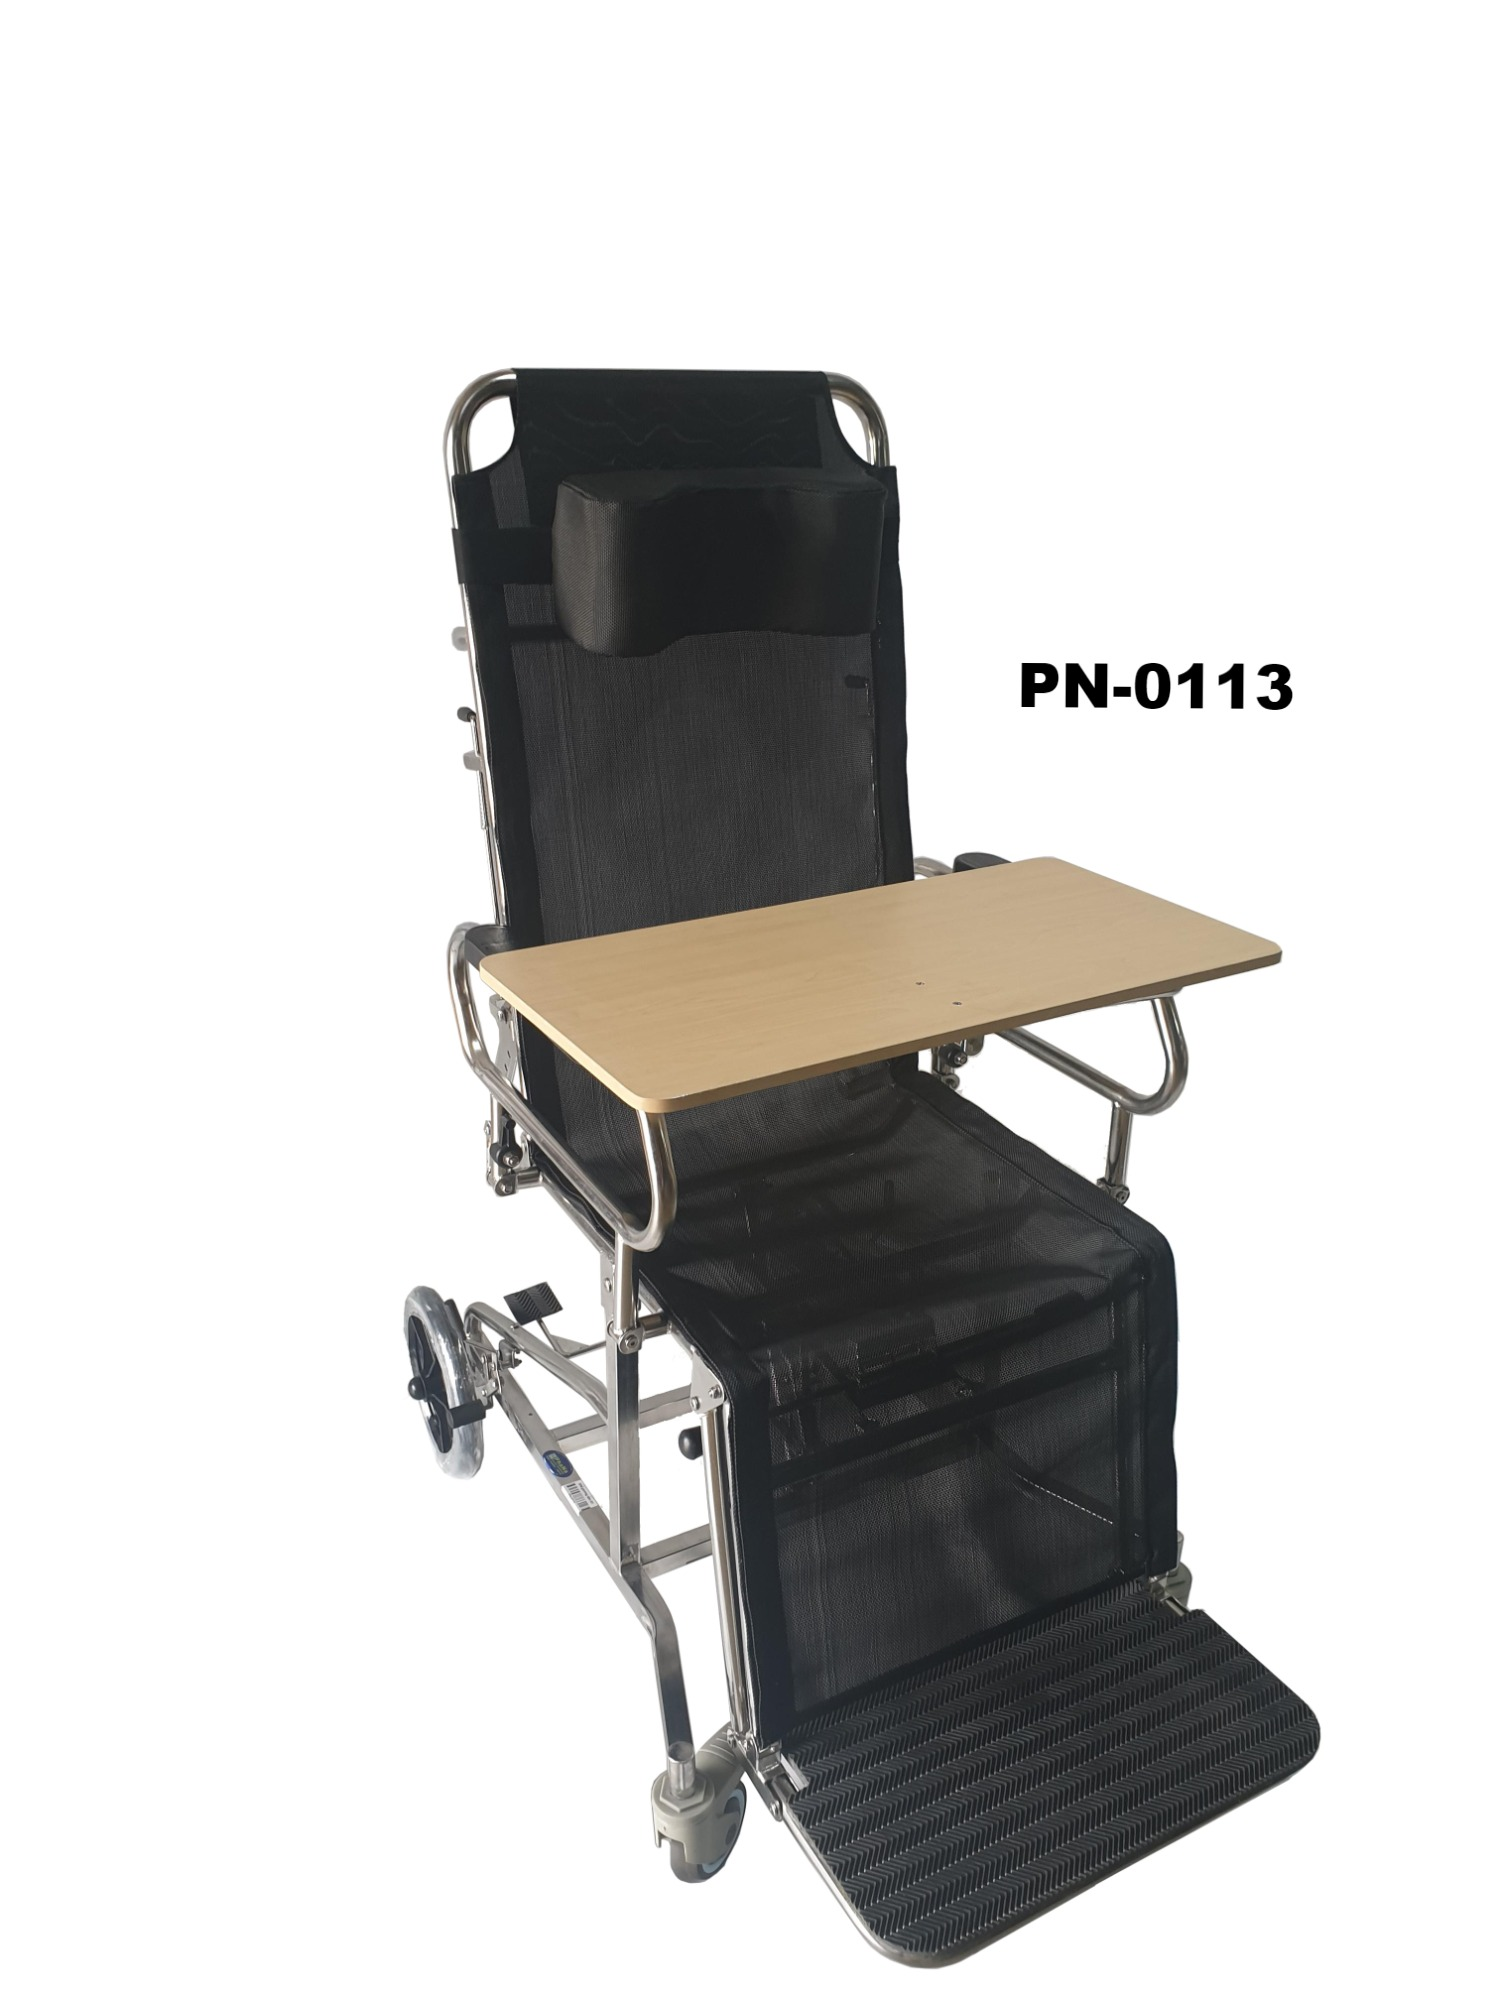 Ghế giường tắm M1 - PN-0113